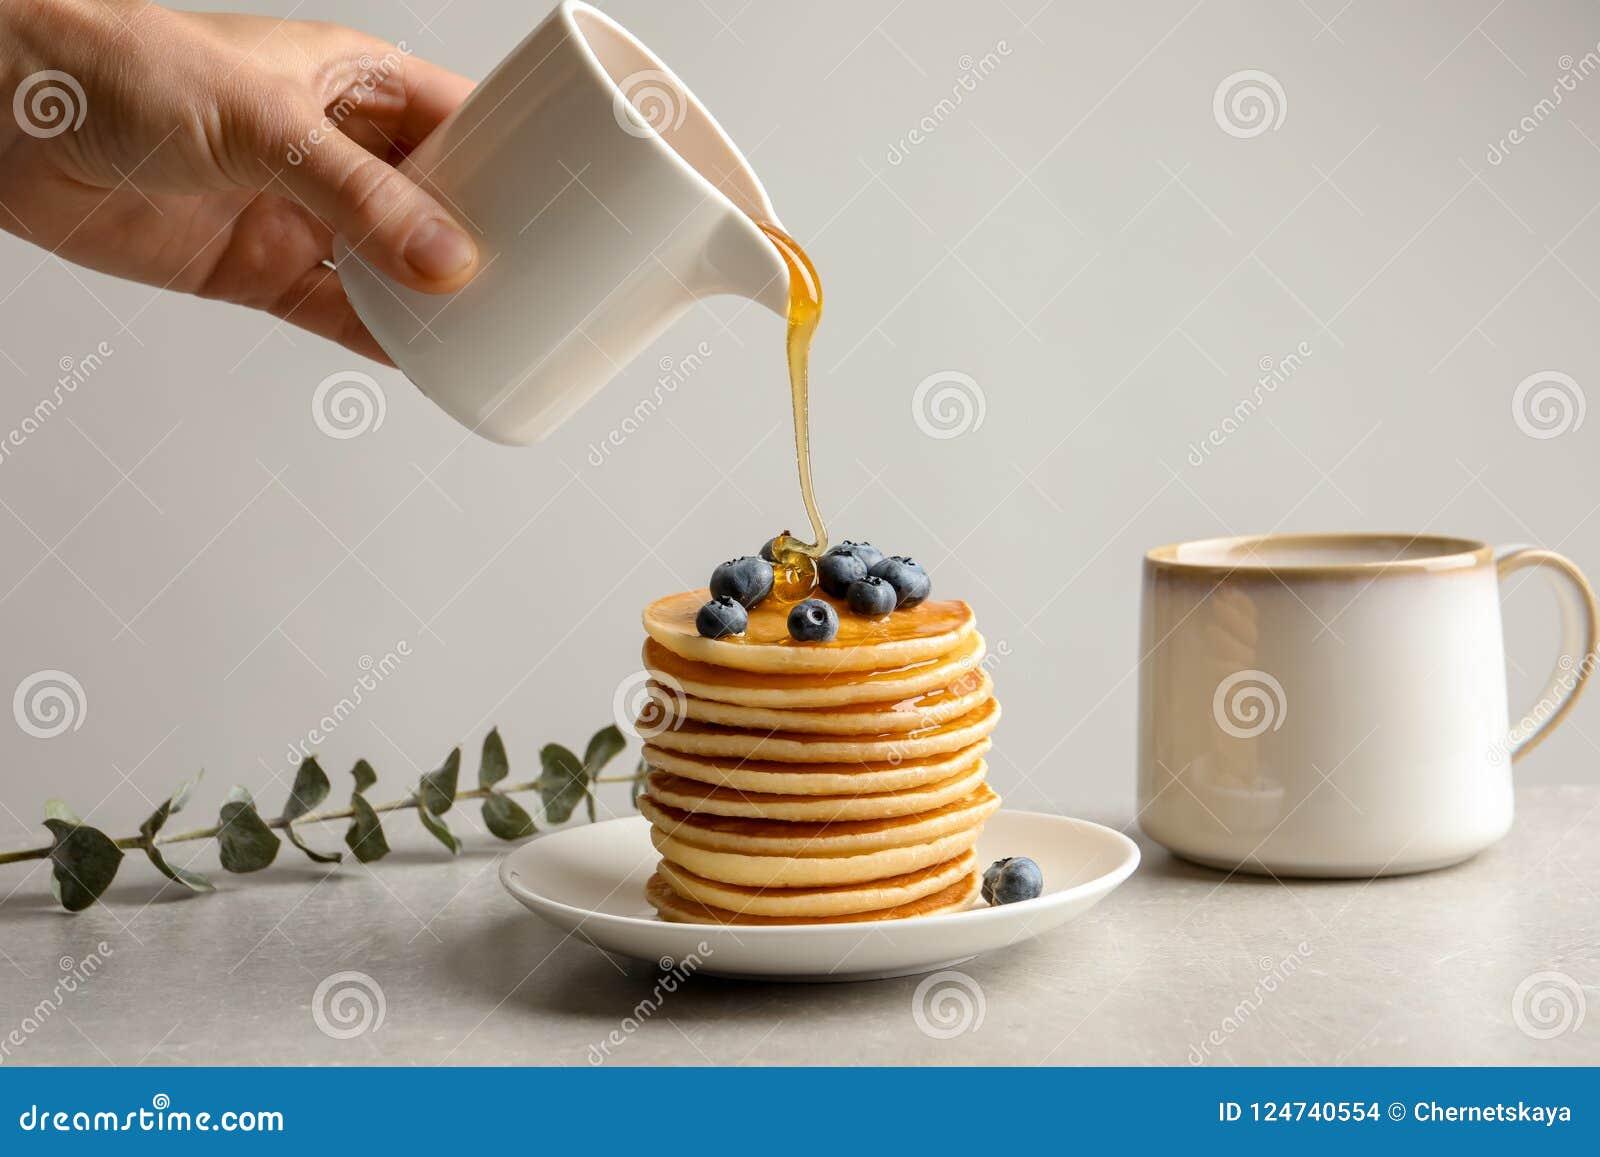 Мед женщины лить на вкусные блинчики с ягодами